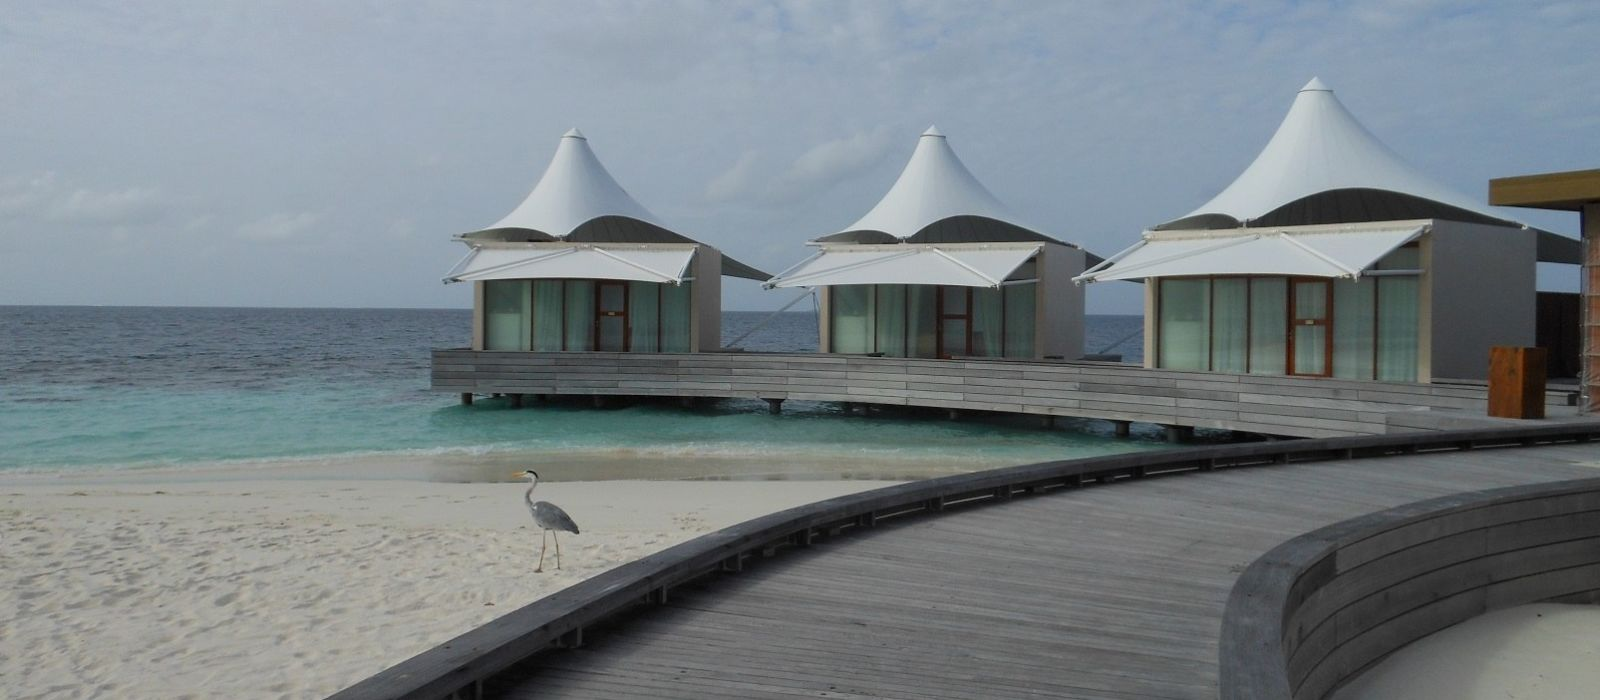 Hotel W Retreat and Spa Maldives